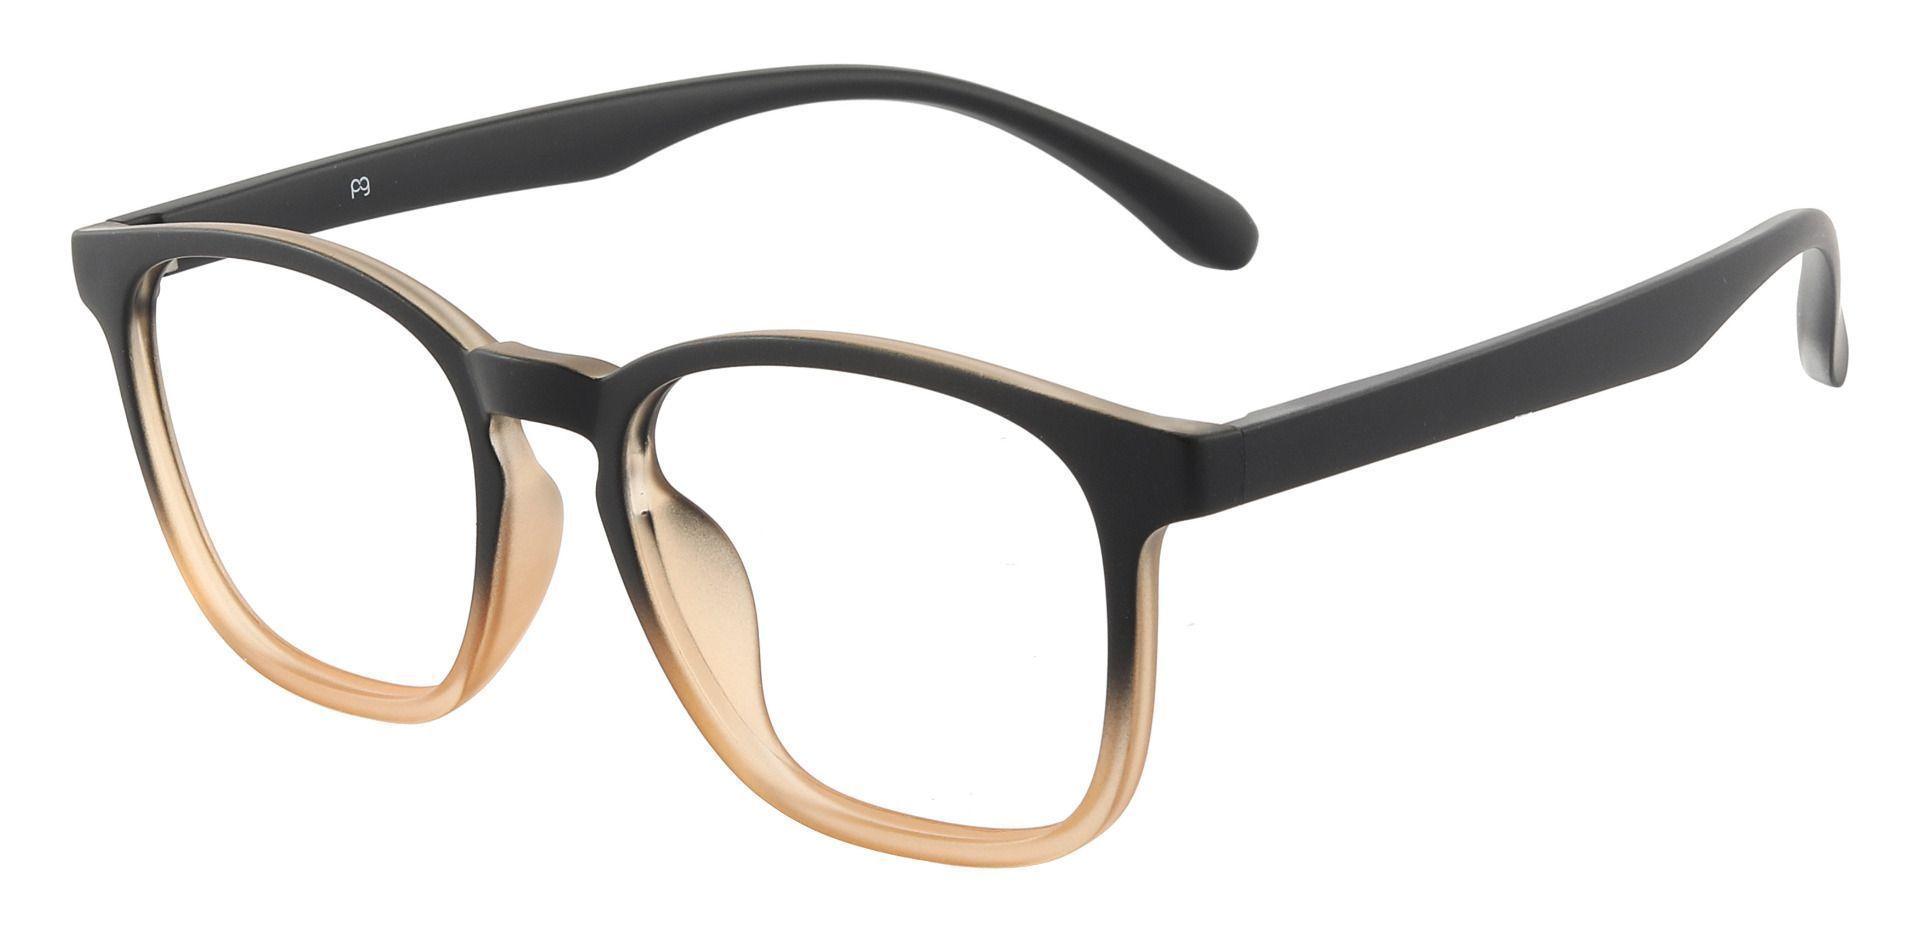 Gateway Square Prescription Glasses - Brown